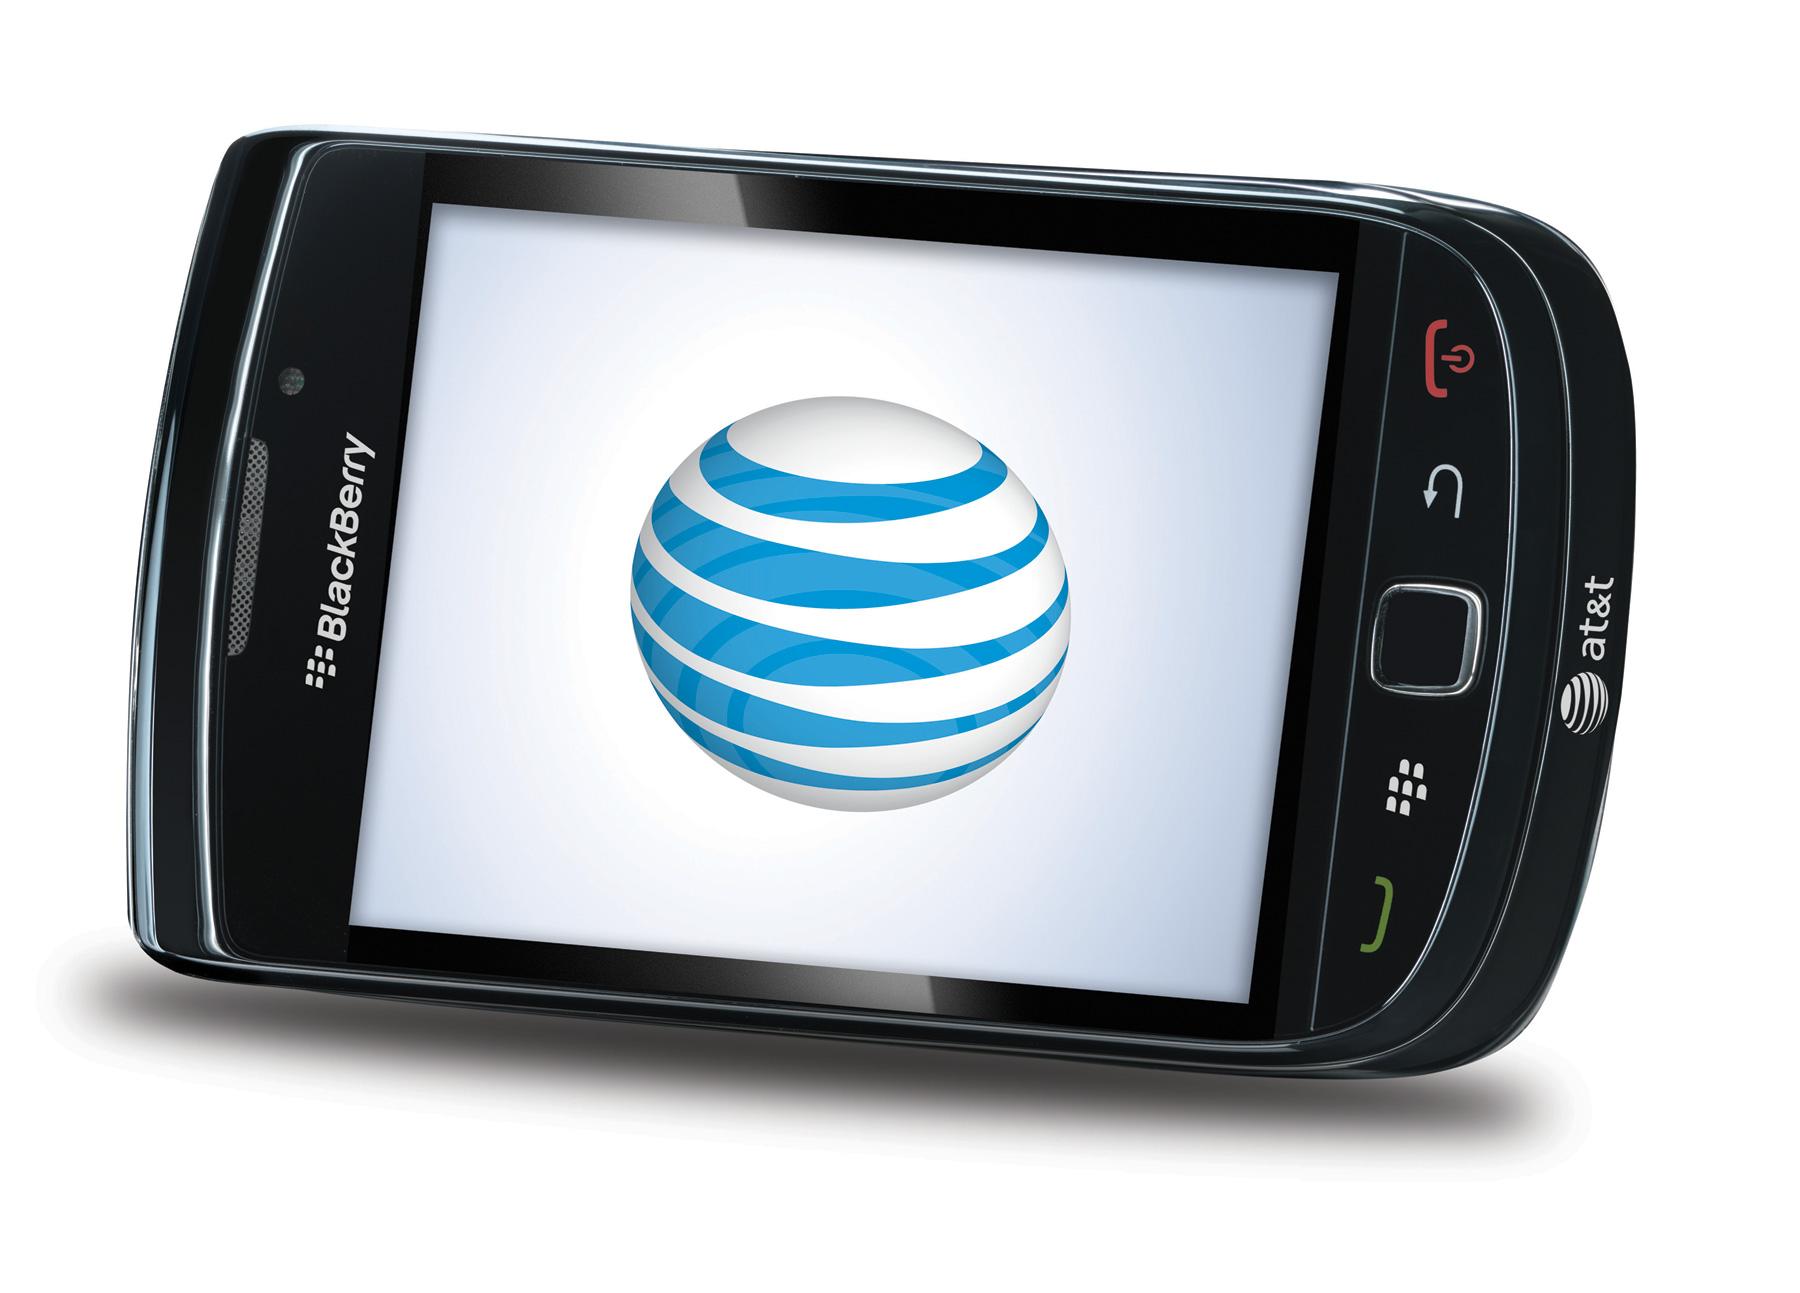 Vidéo : la campagne de communication du BlackBerry Torch